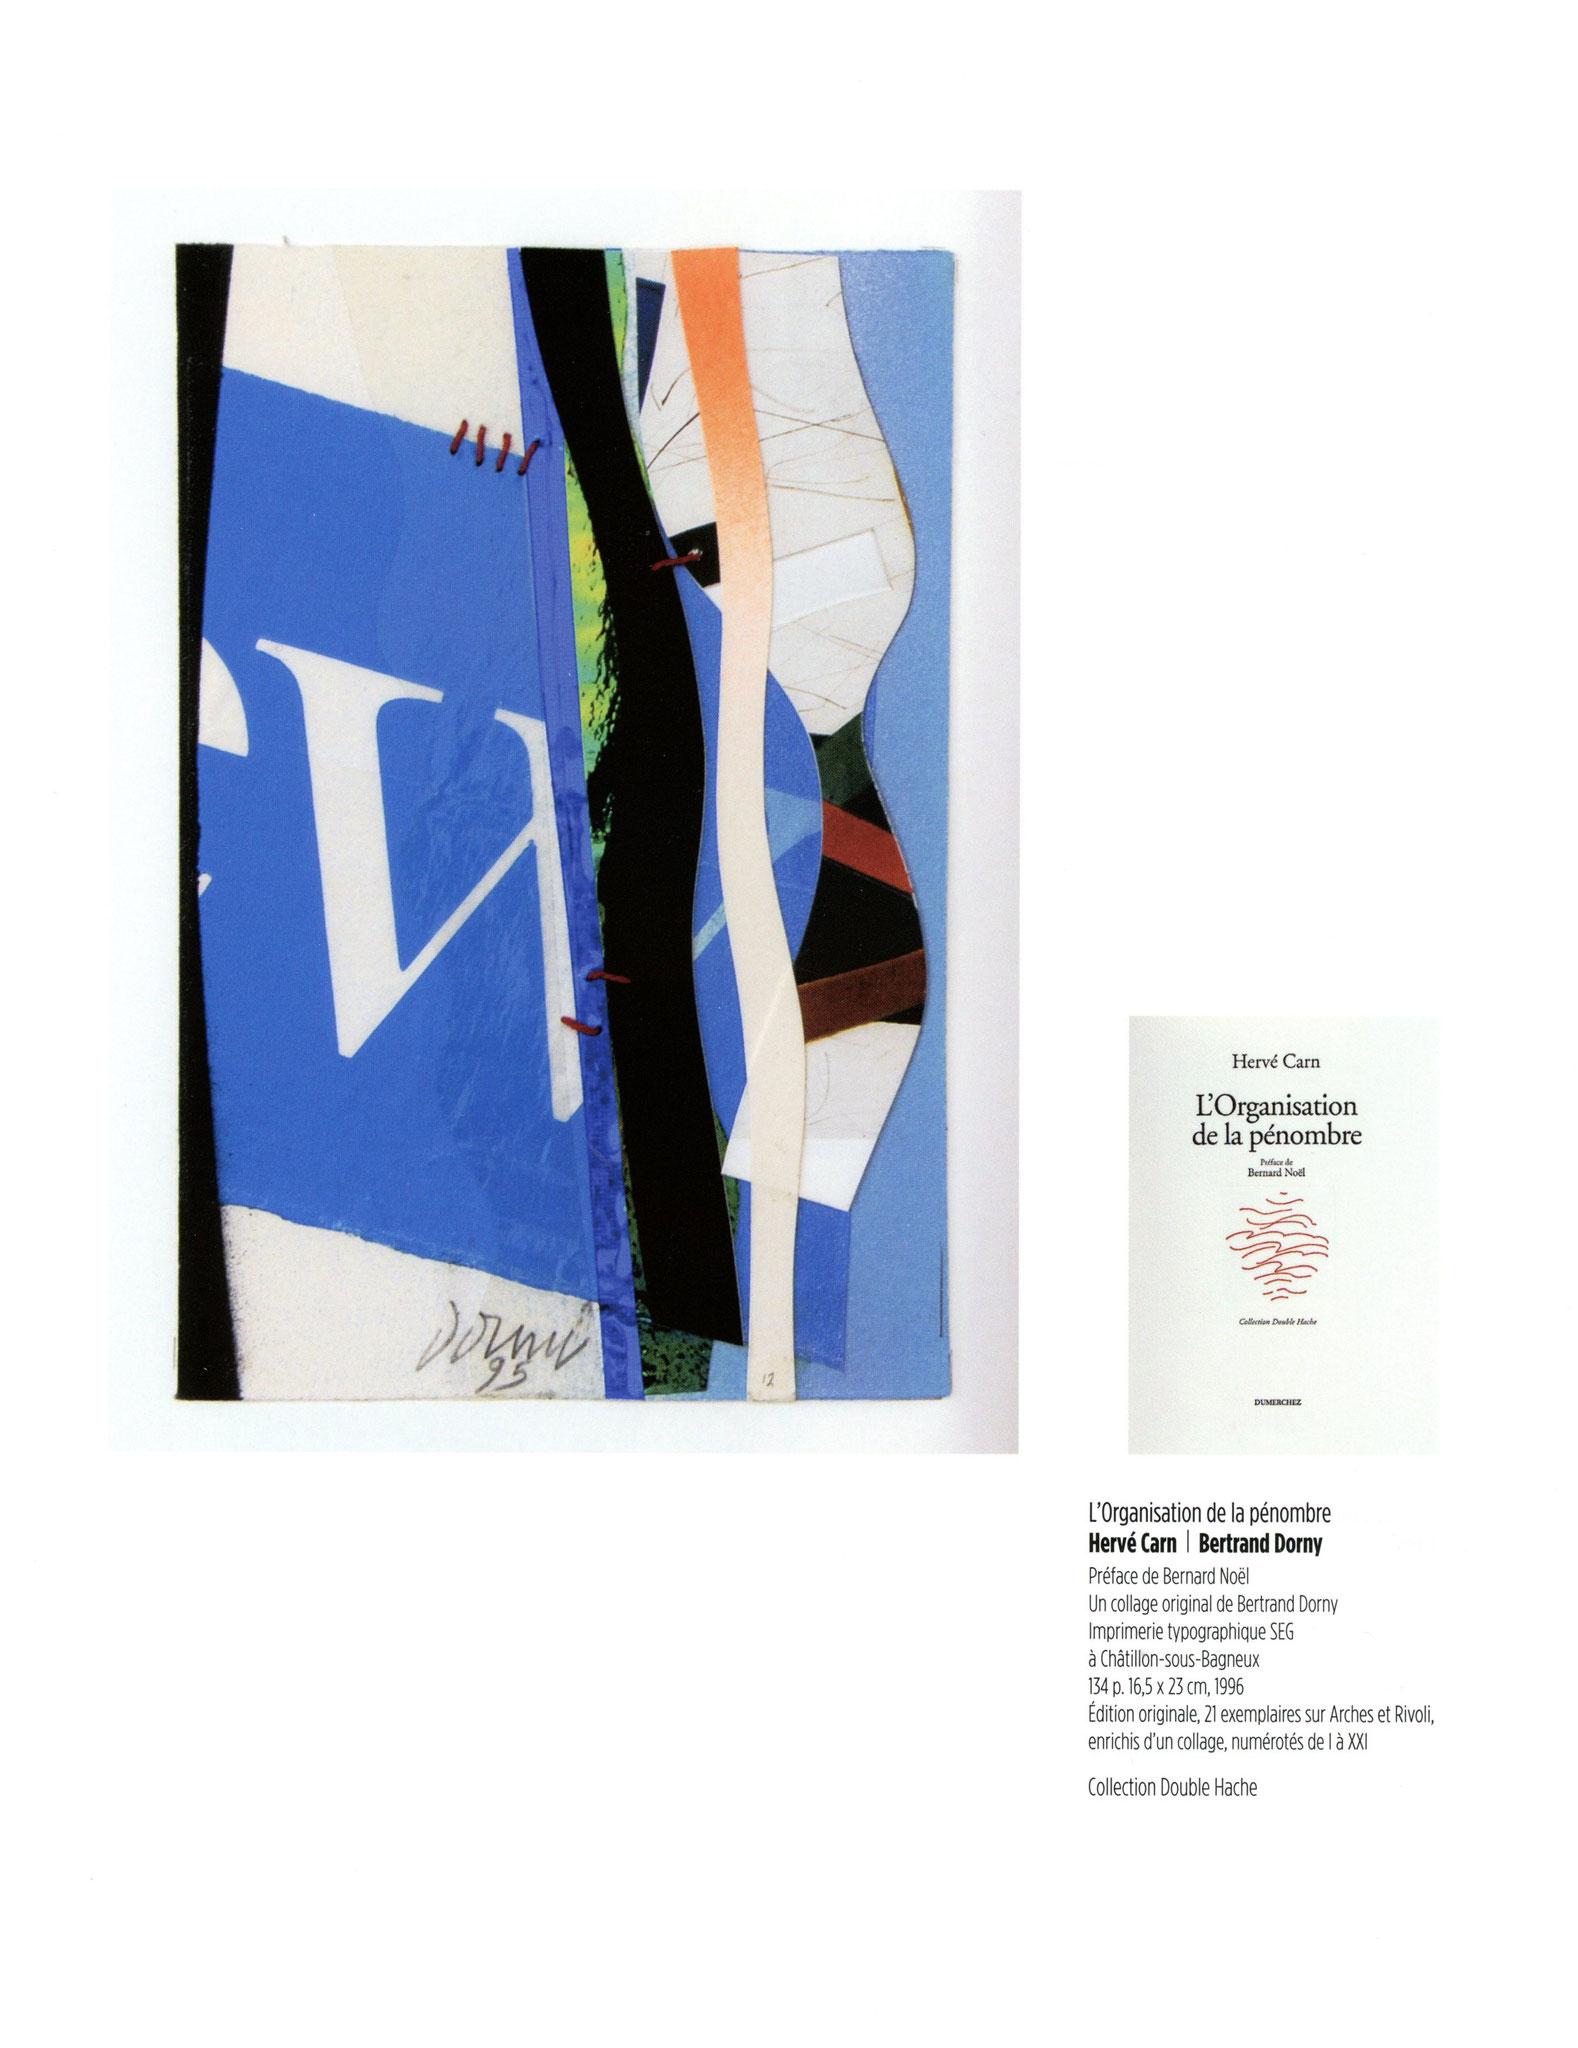 L'Organisation de la pénombre - Hervé Carn / Bertrand Dorny